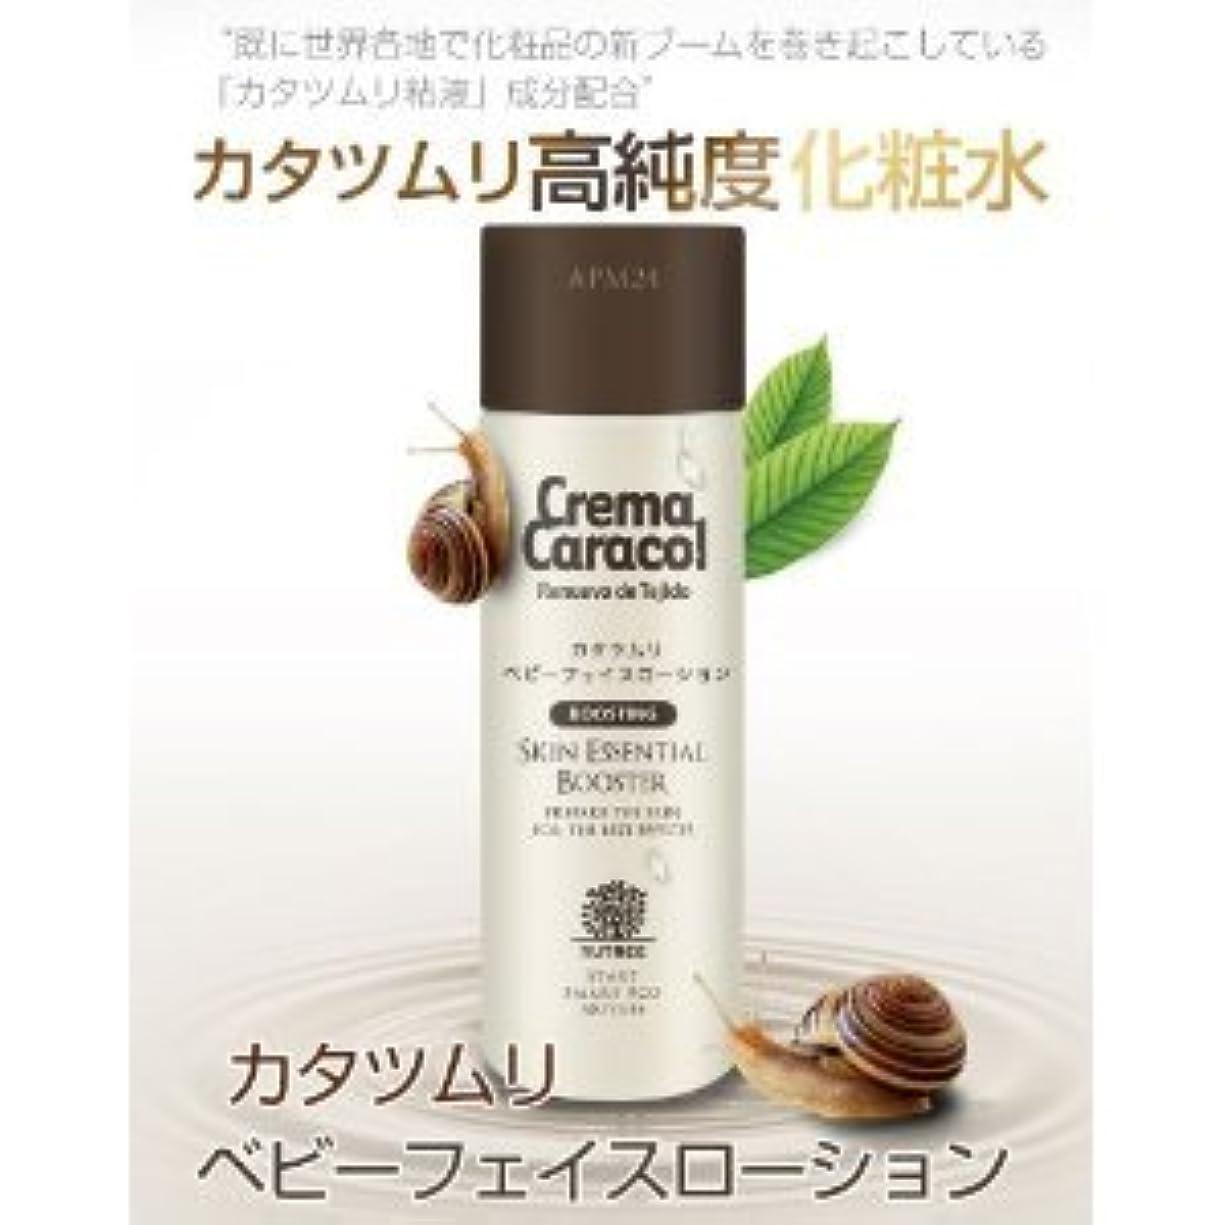 形成国ぶら下がるcrema caracol(カラコール) ローション(化粧水) 5個セット